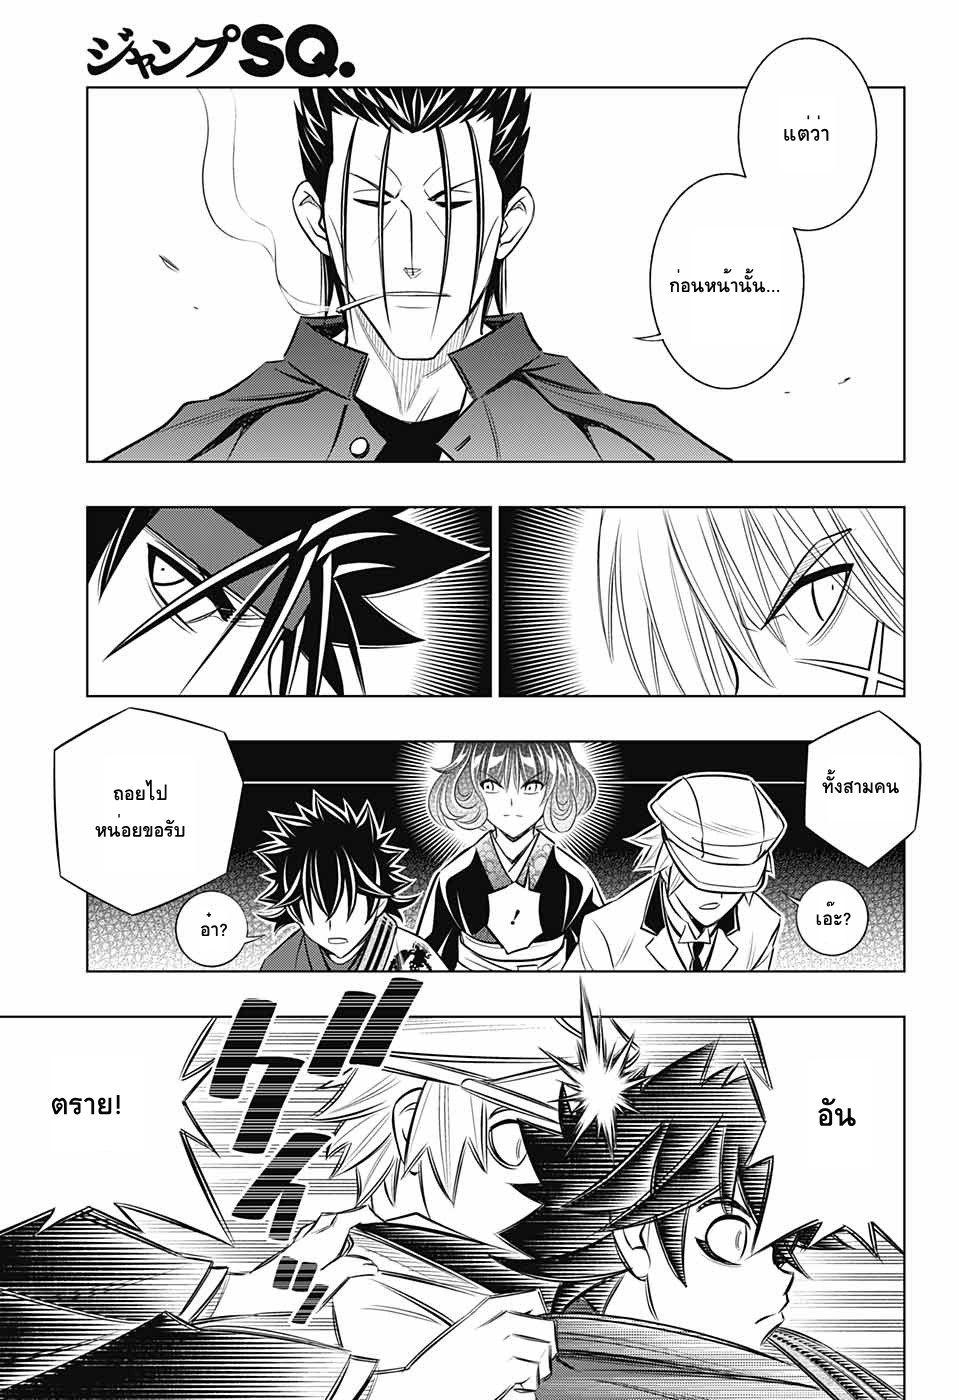 อ่านการ์ตูน Rurouni Kenshin: Hokkaido Arc ตอนที่ 14 หน้าที่ 3